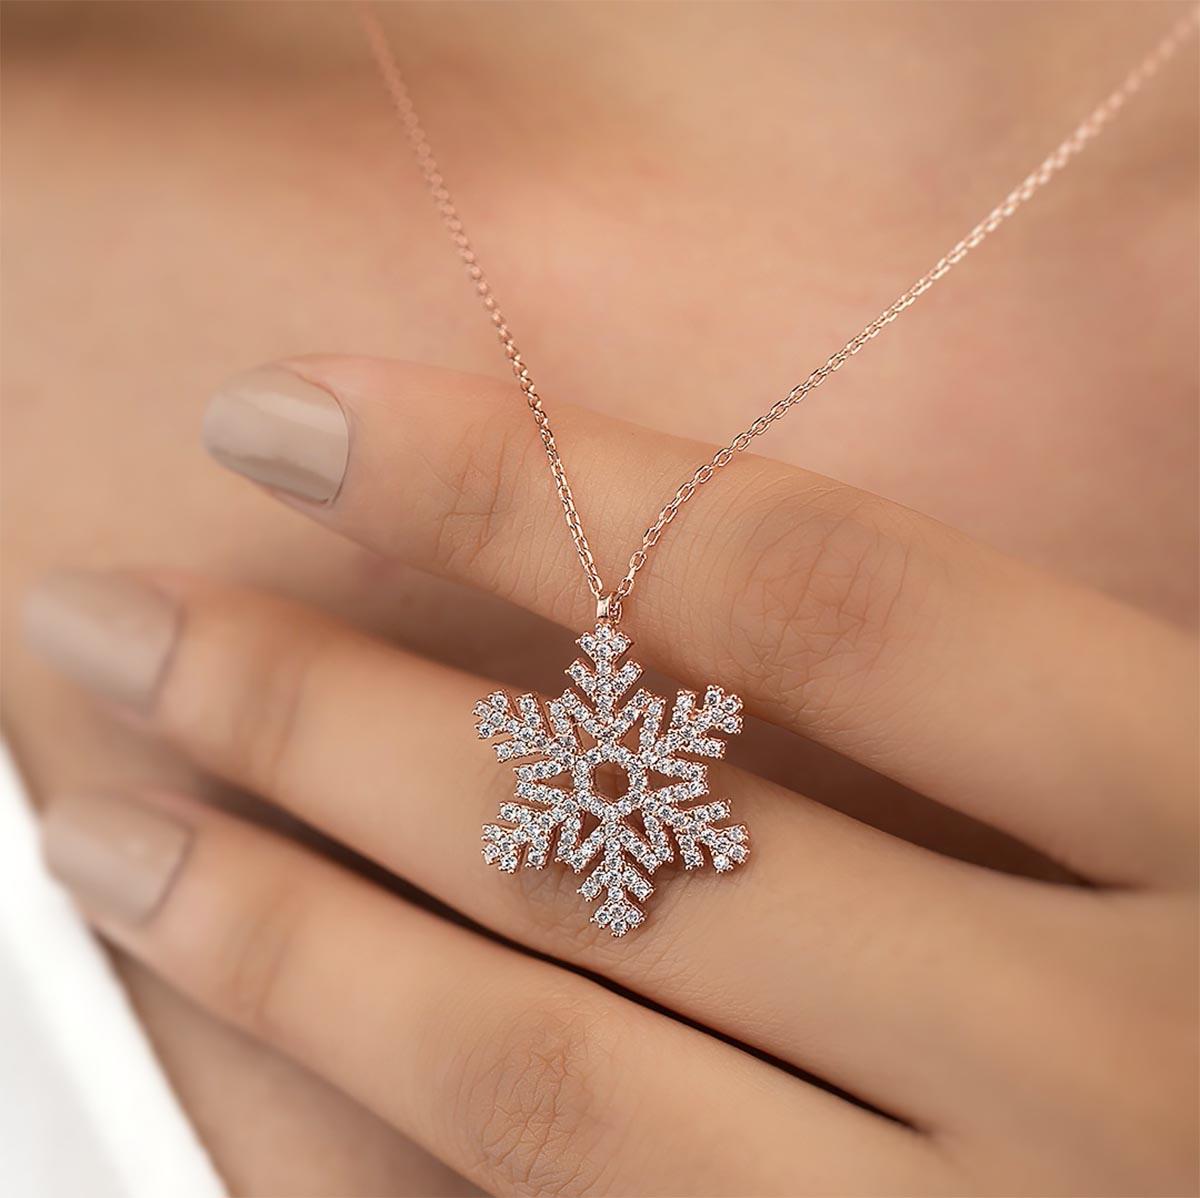 Gümüş Pazarım - Zirkon Taşlı Kar Tanesi Motifli Gümüş Kolye (1)